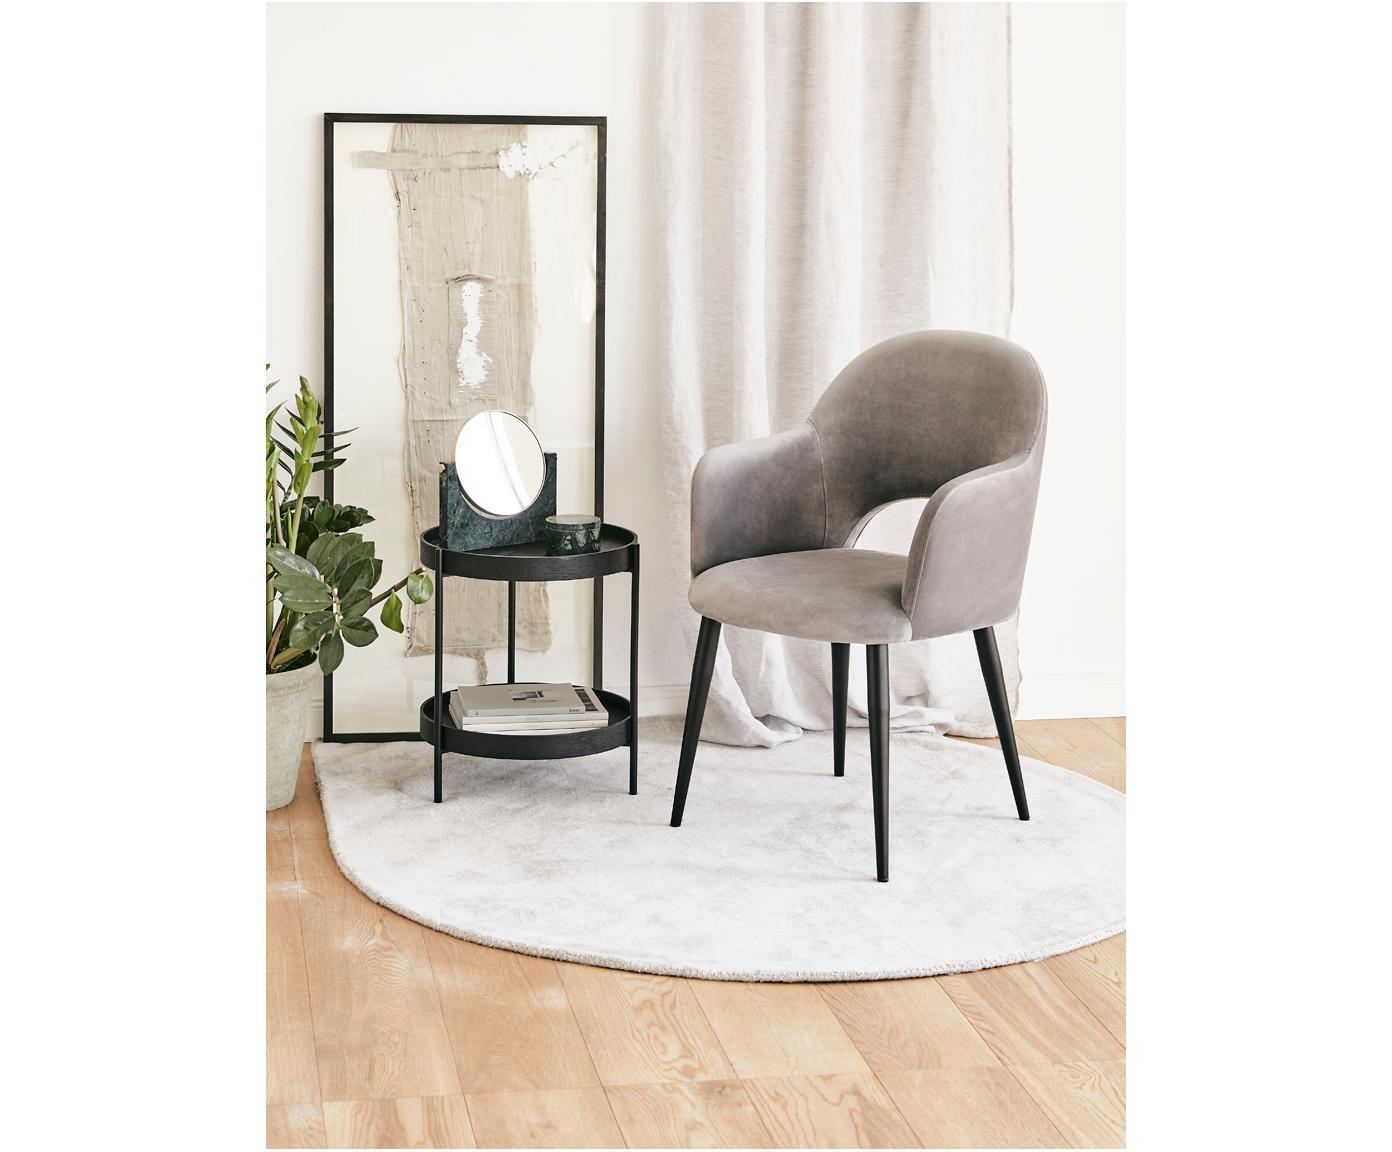 Krzesło z podłokietnikami z aksamitu Rachel, Tapicerka: aksamit (poliester) 5000, Nogi: metal malowany proszkowo, Aksamitny szary, S 47 x G 64 cm